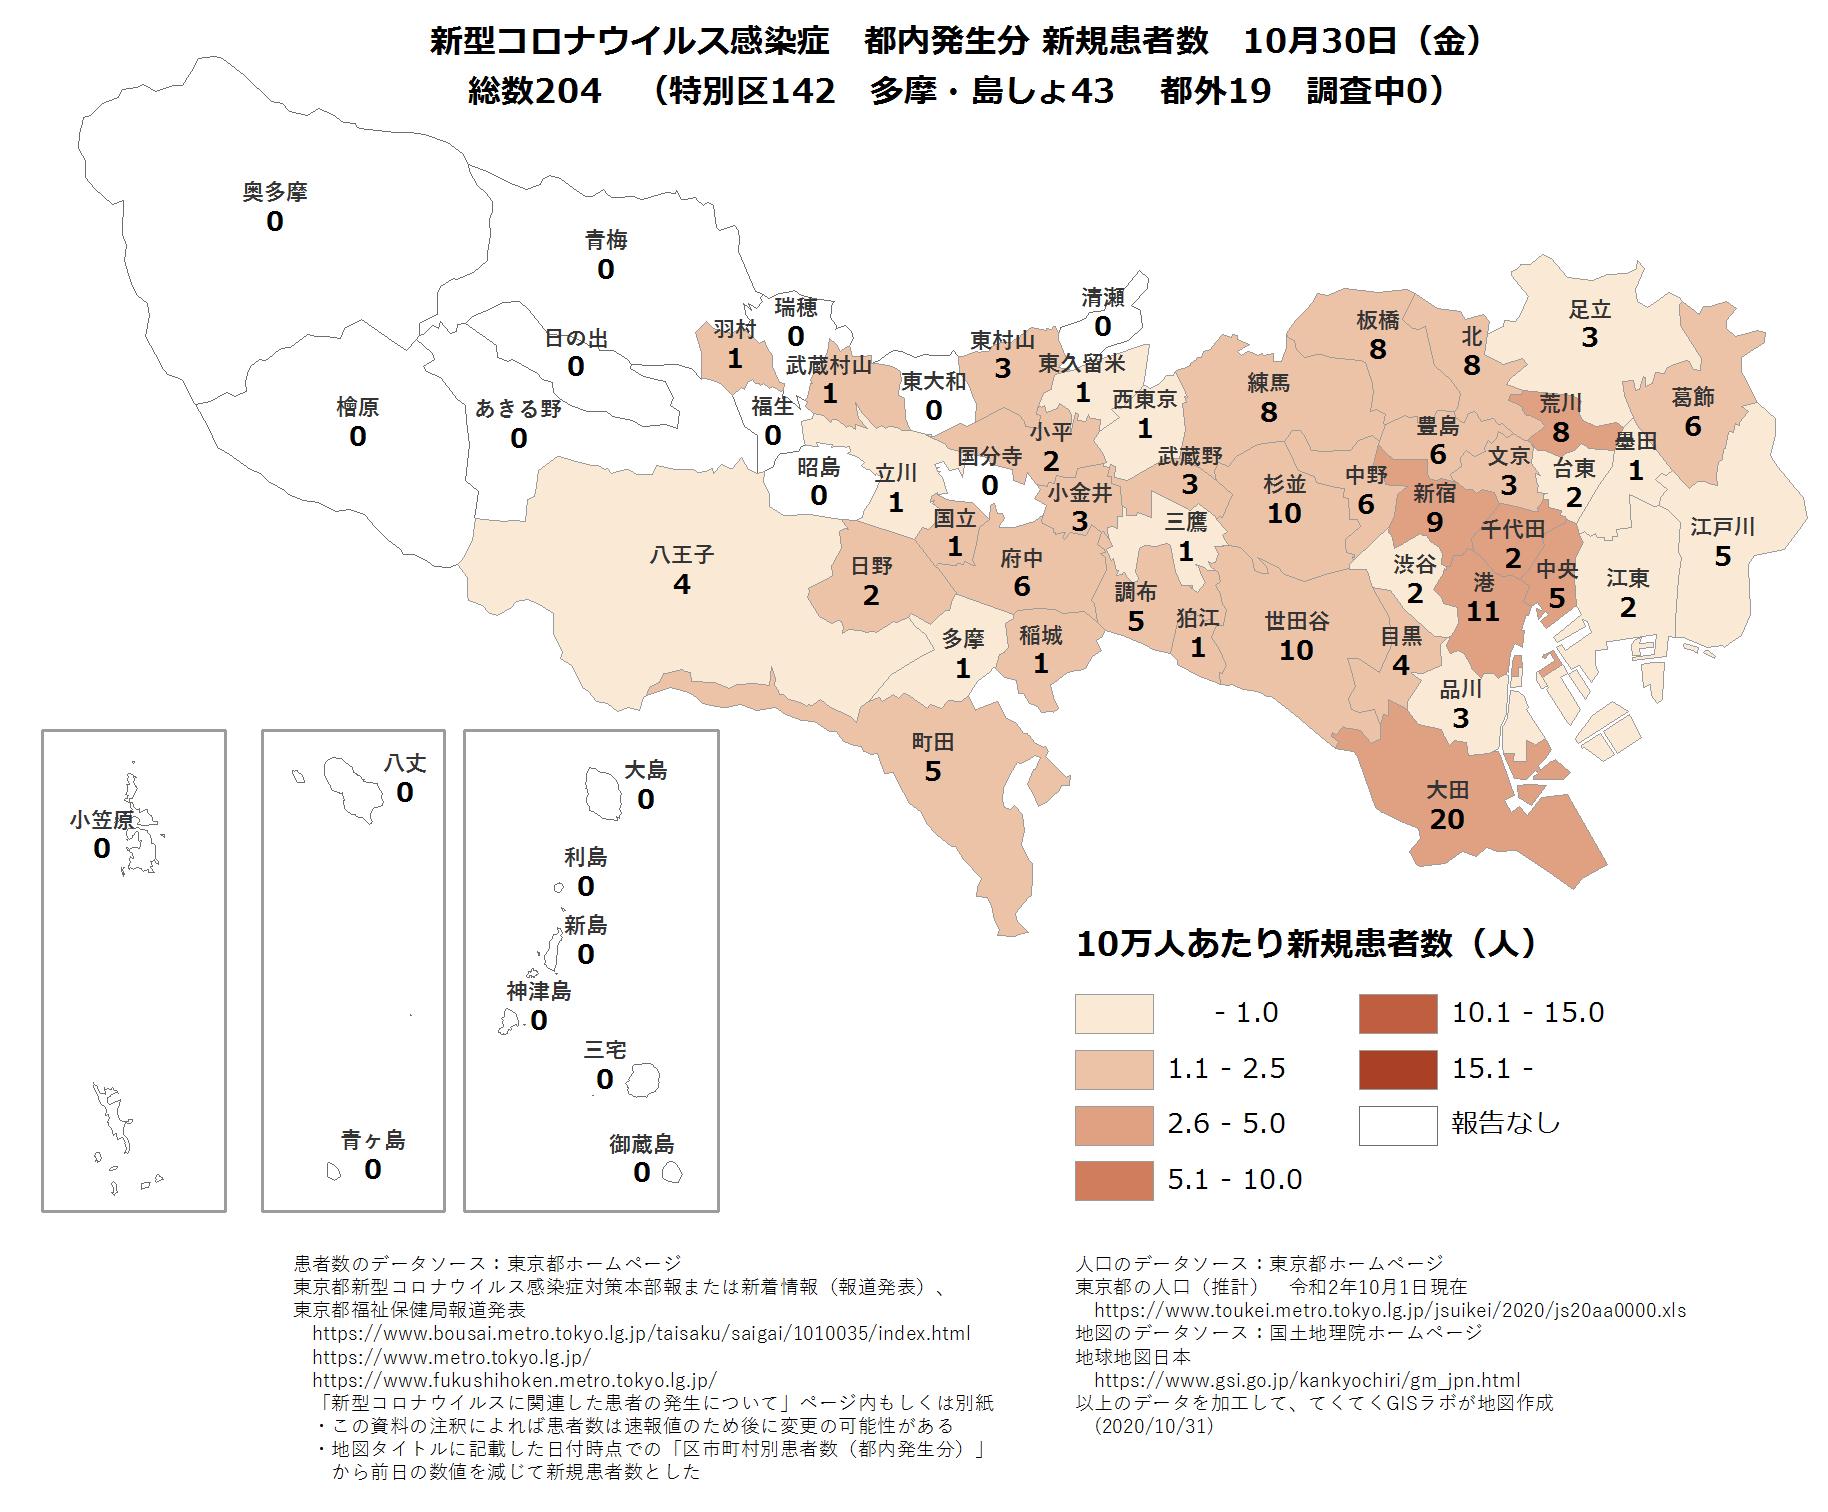 市区町村ごと新規患者数10月30日東京